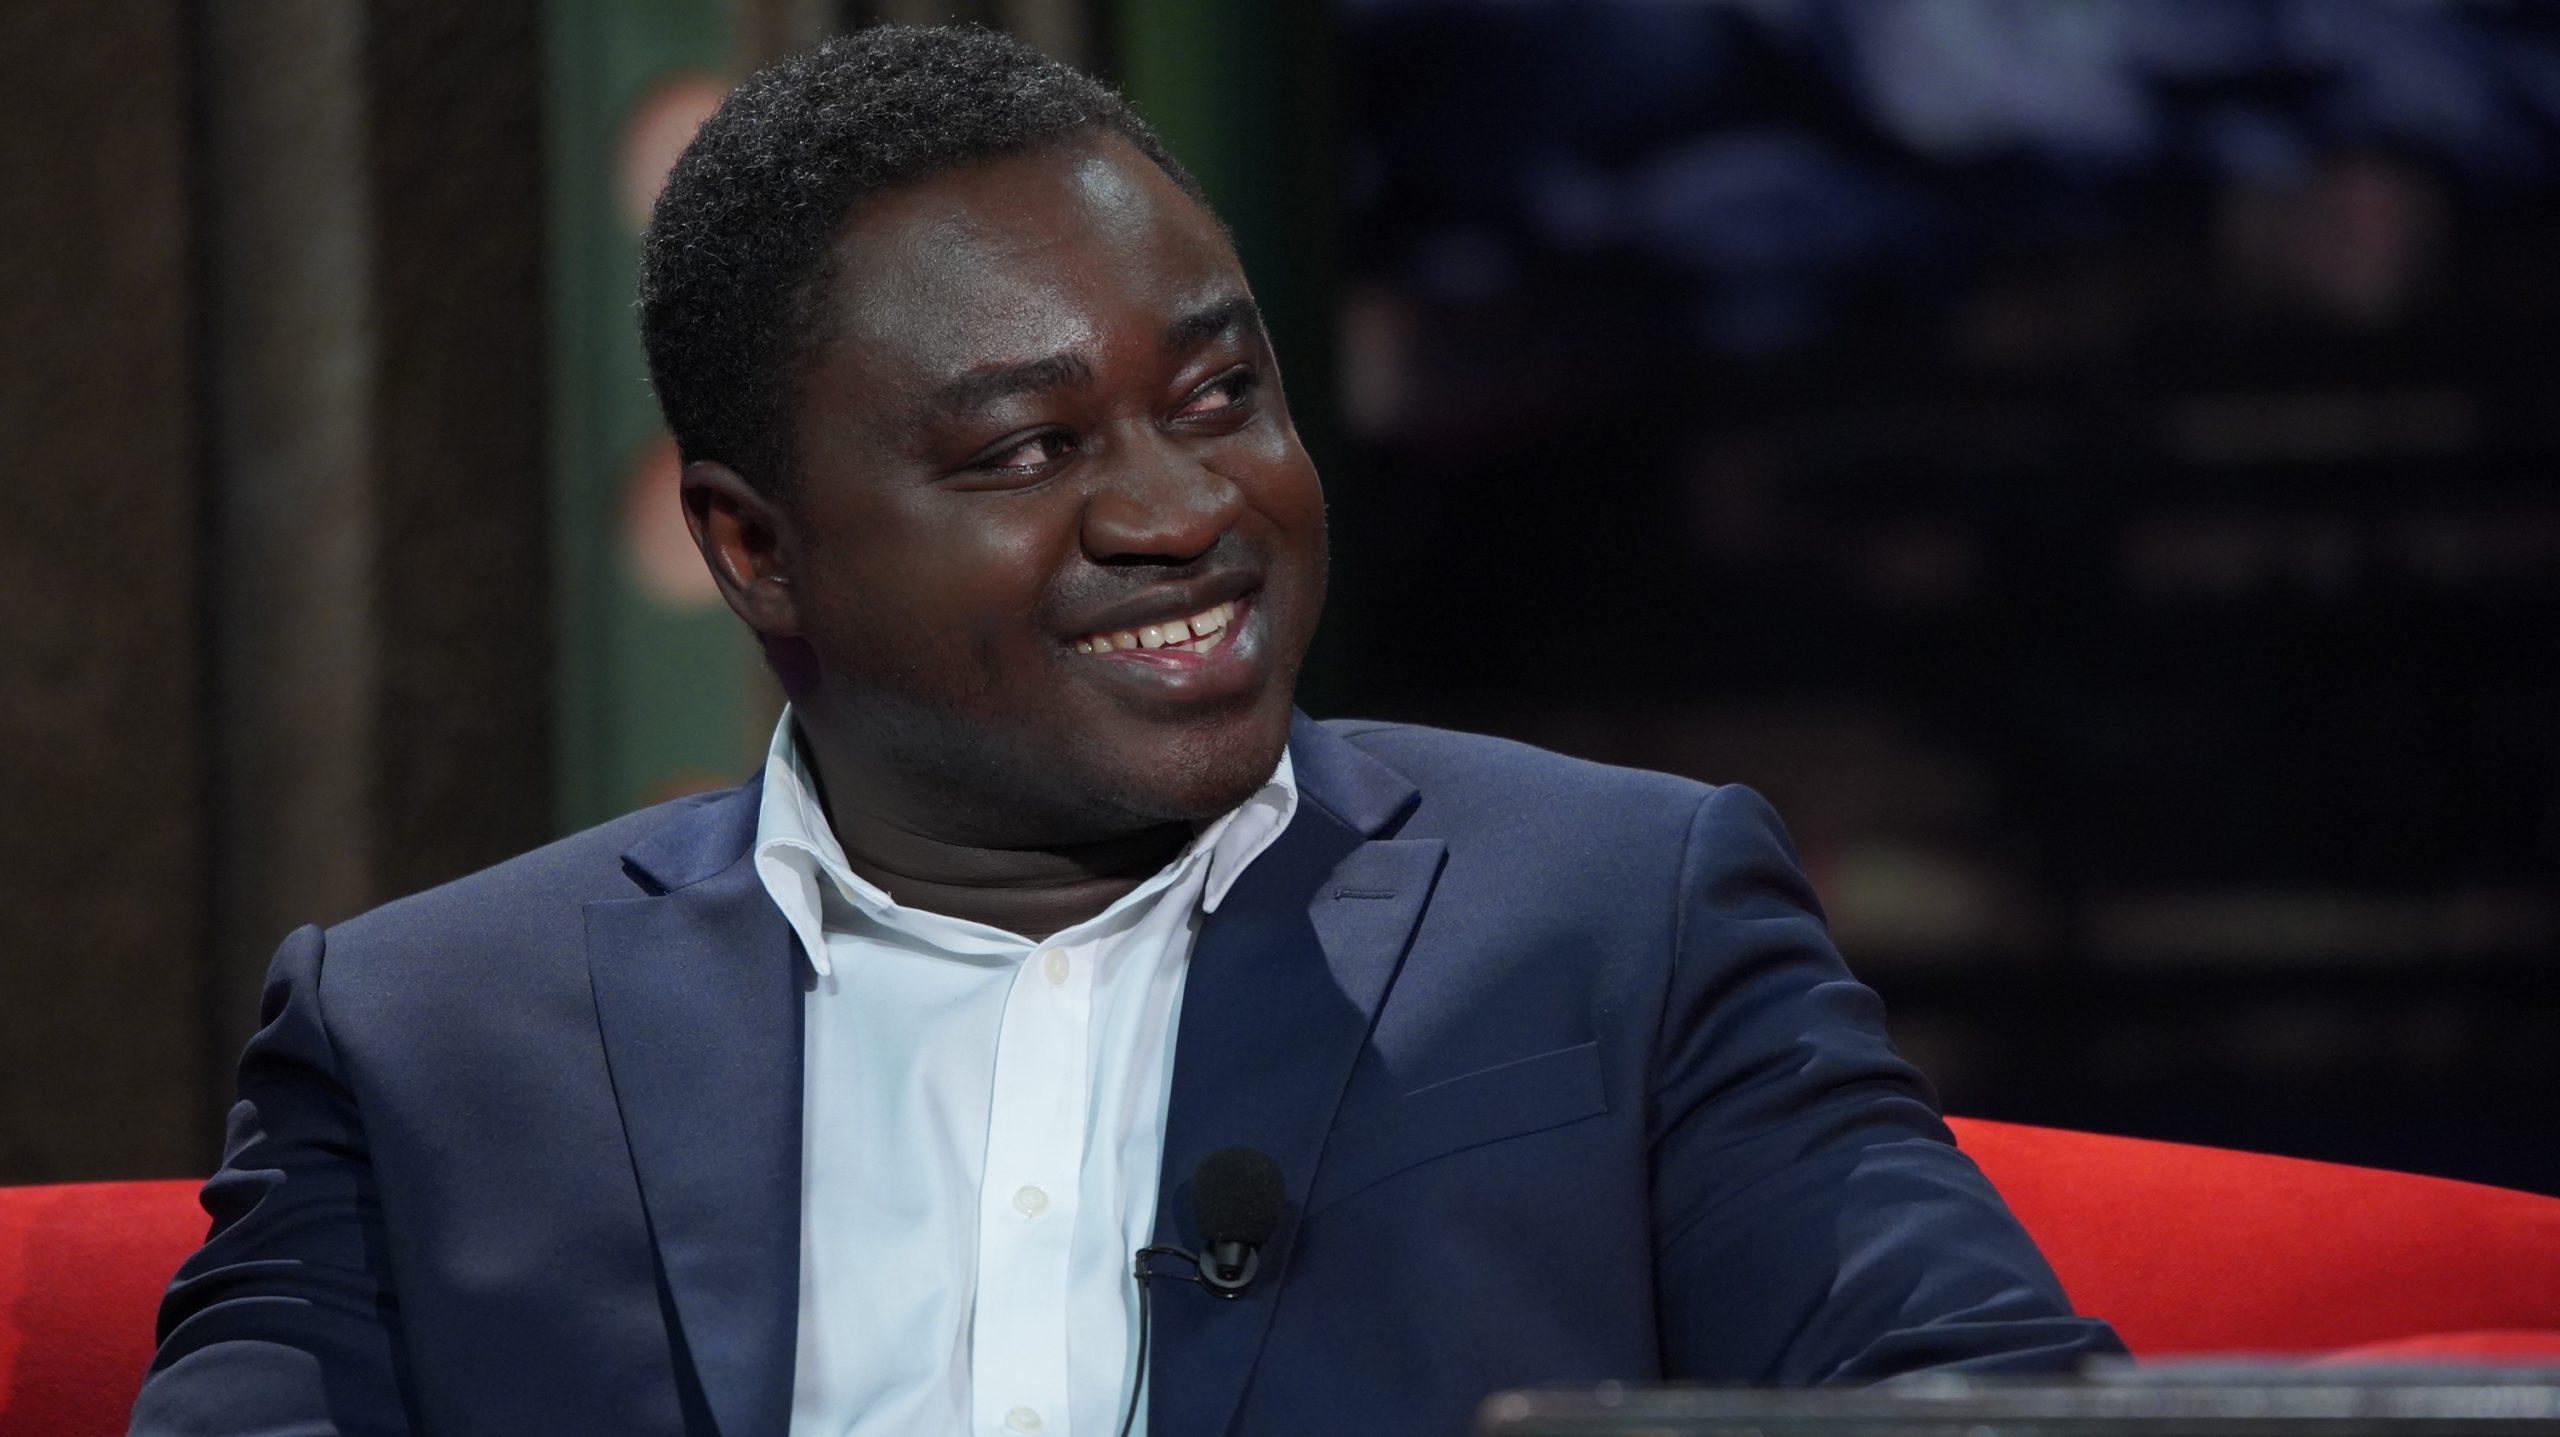 Anděl mezi zdravotníky, gynekolog-porodník MUDr. Patrice Awonseba Baba-Musah v SJK 8. 9. 2021